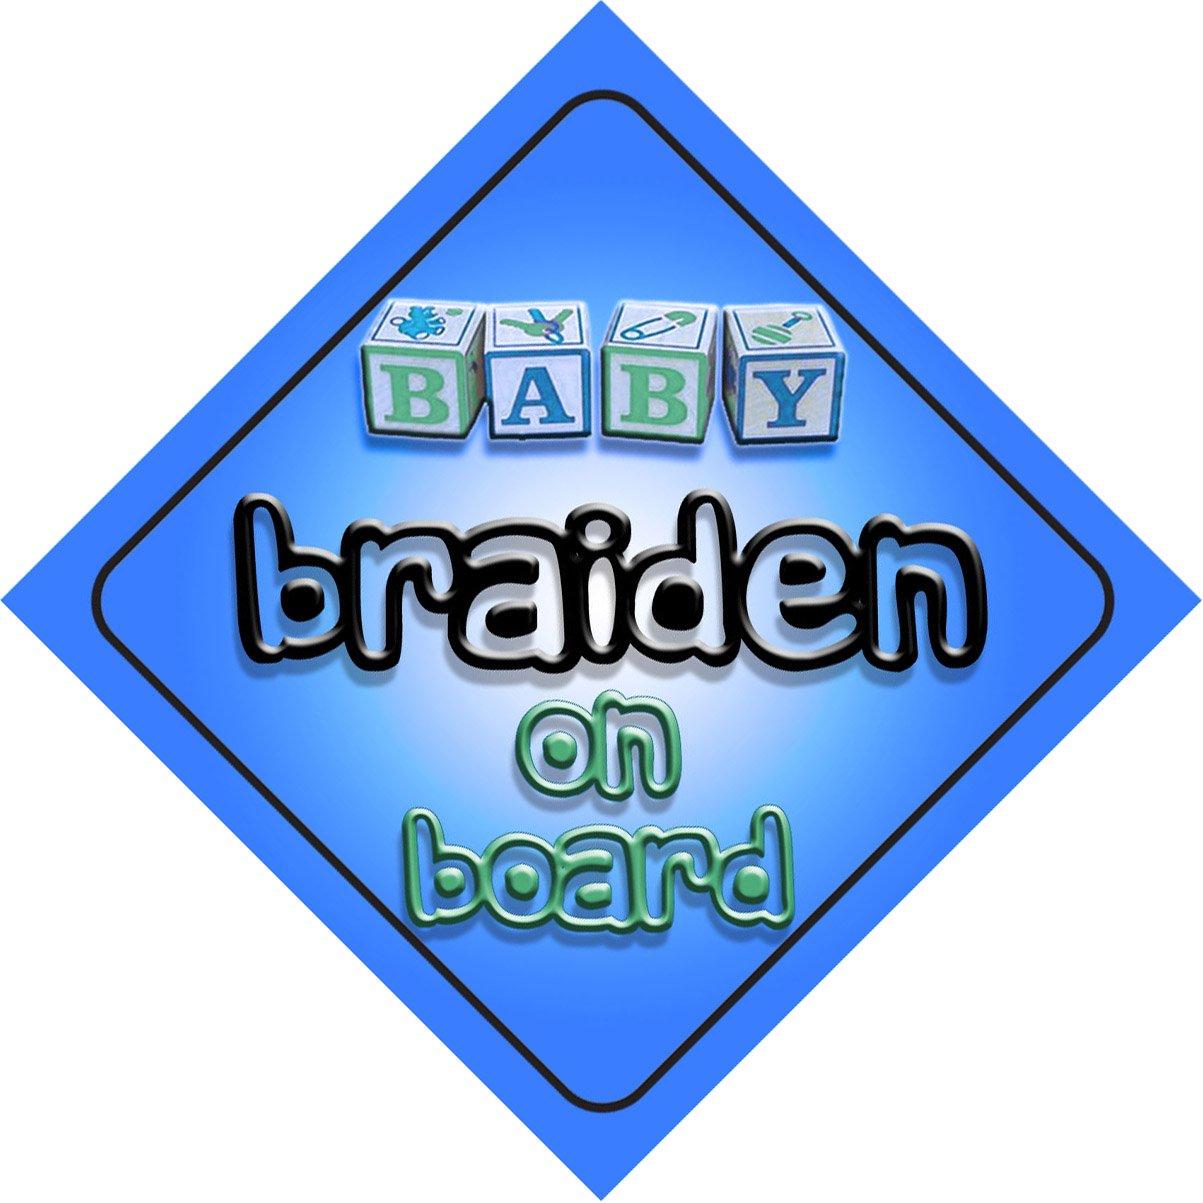 Bébé Garçon Braiden on Board fantaisie Panneau de voiture Cadeau/cadeau pour nouveau/enfant nouveau-né